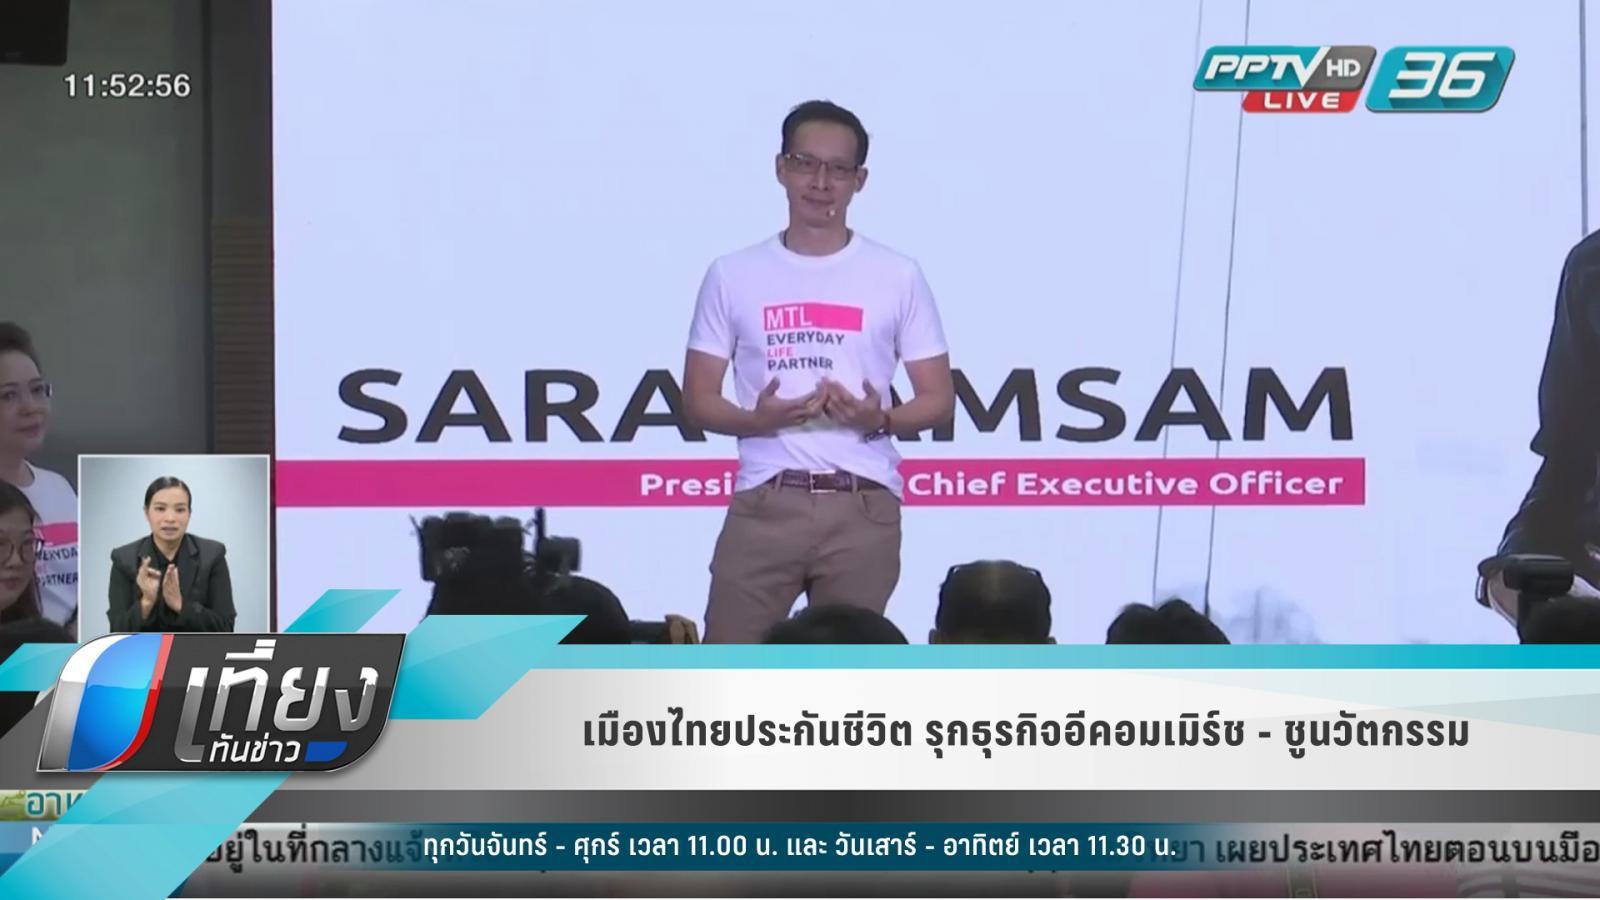 """เมืองไทยประกันชีวิต รุกธุรกิจ """"อีคอมเมิร์ซ""""  ขายประกันชีวิตออนไลน์"""